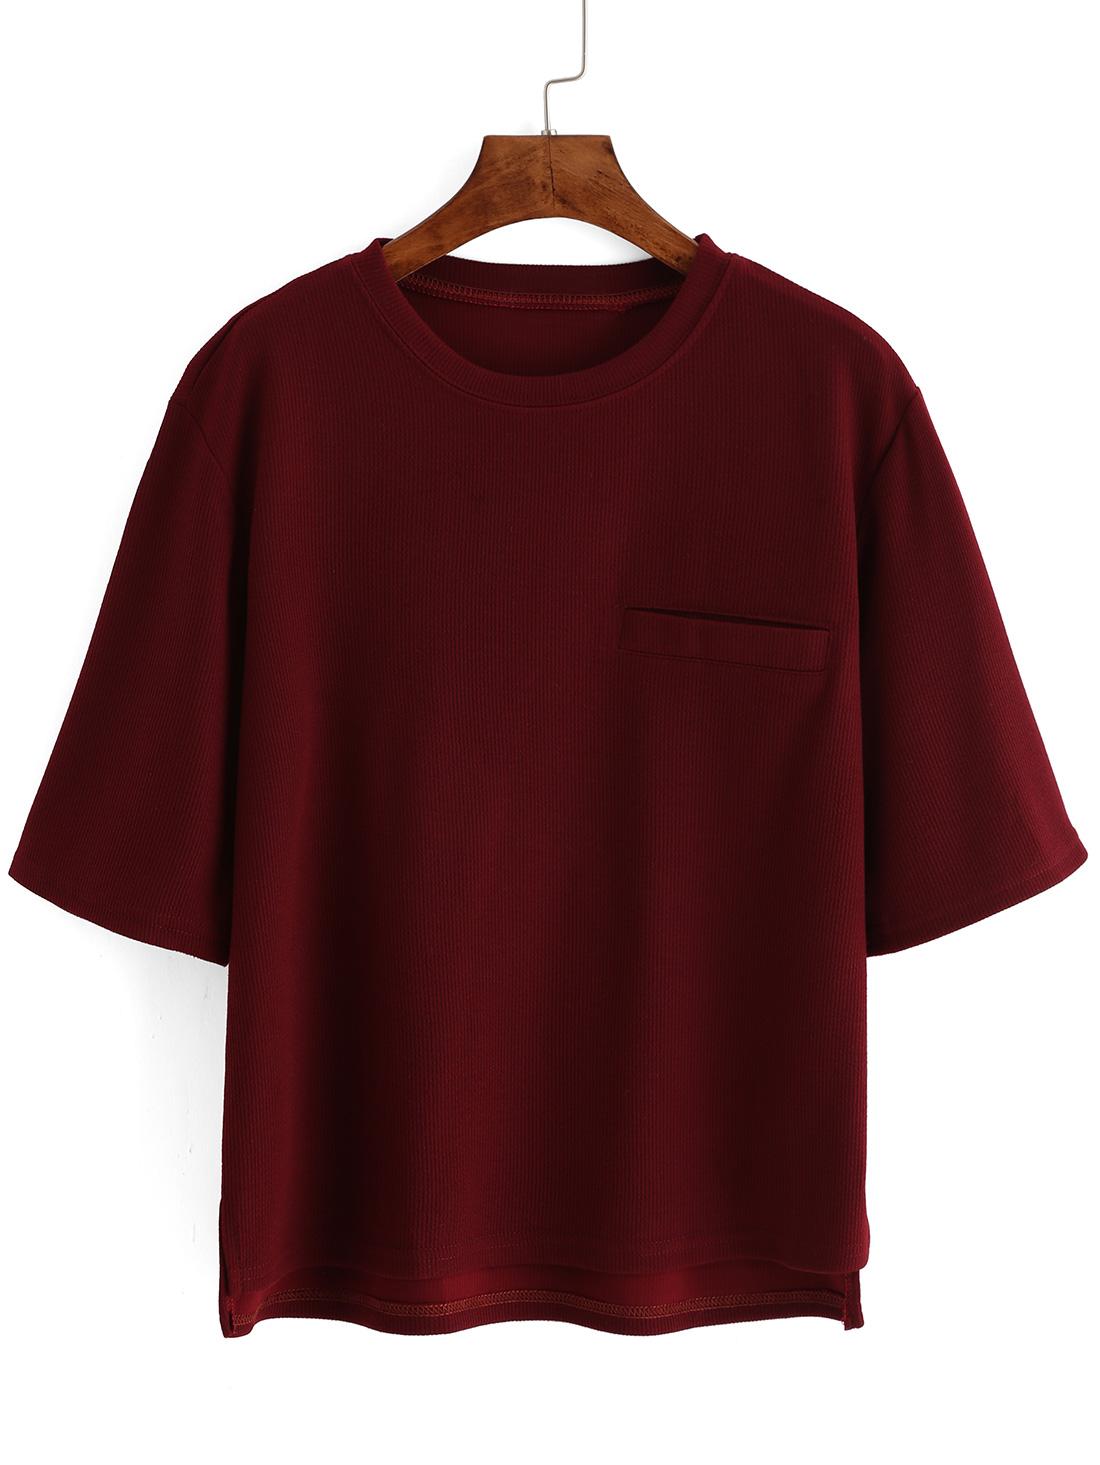 Women T Shirt Template